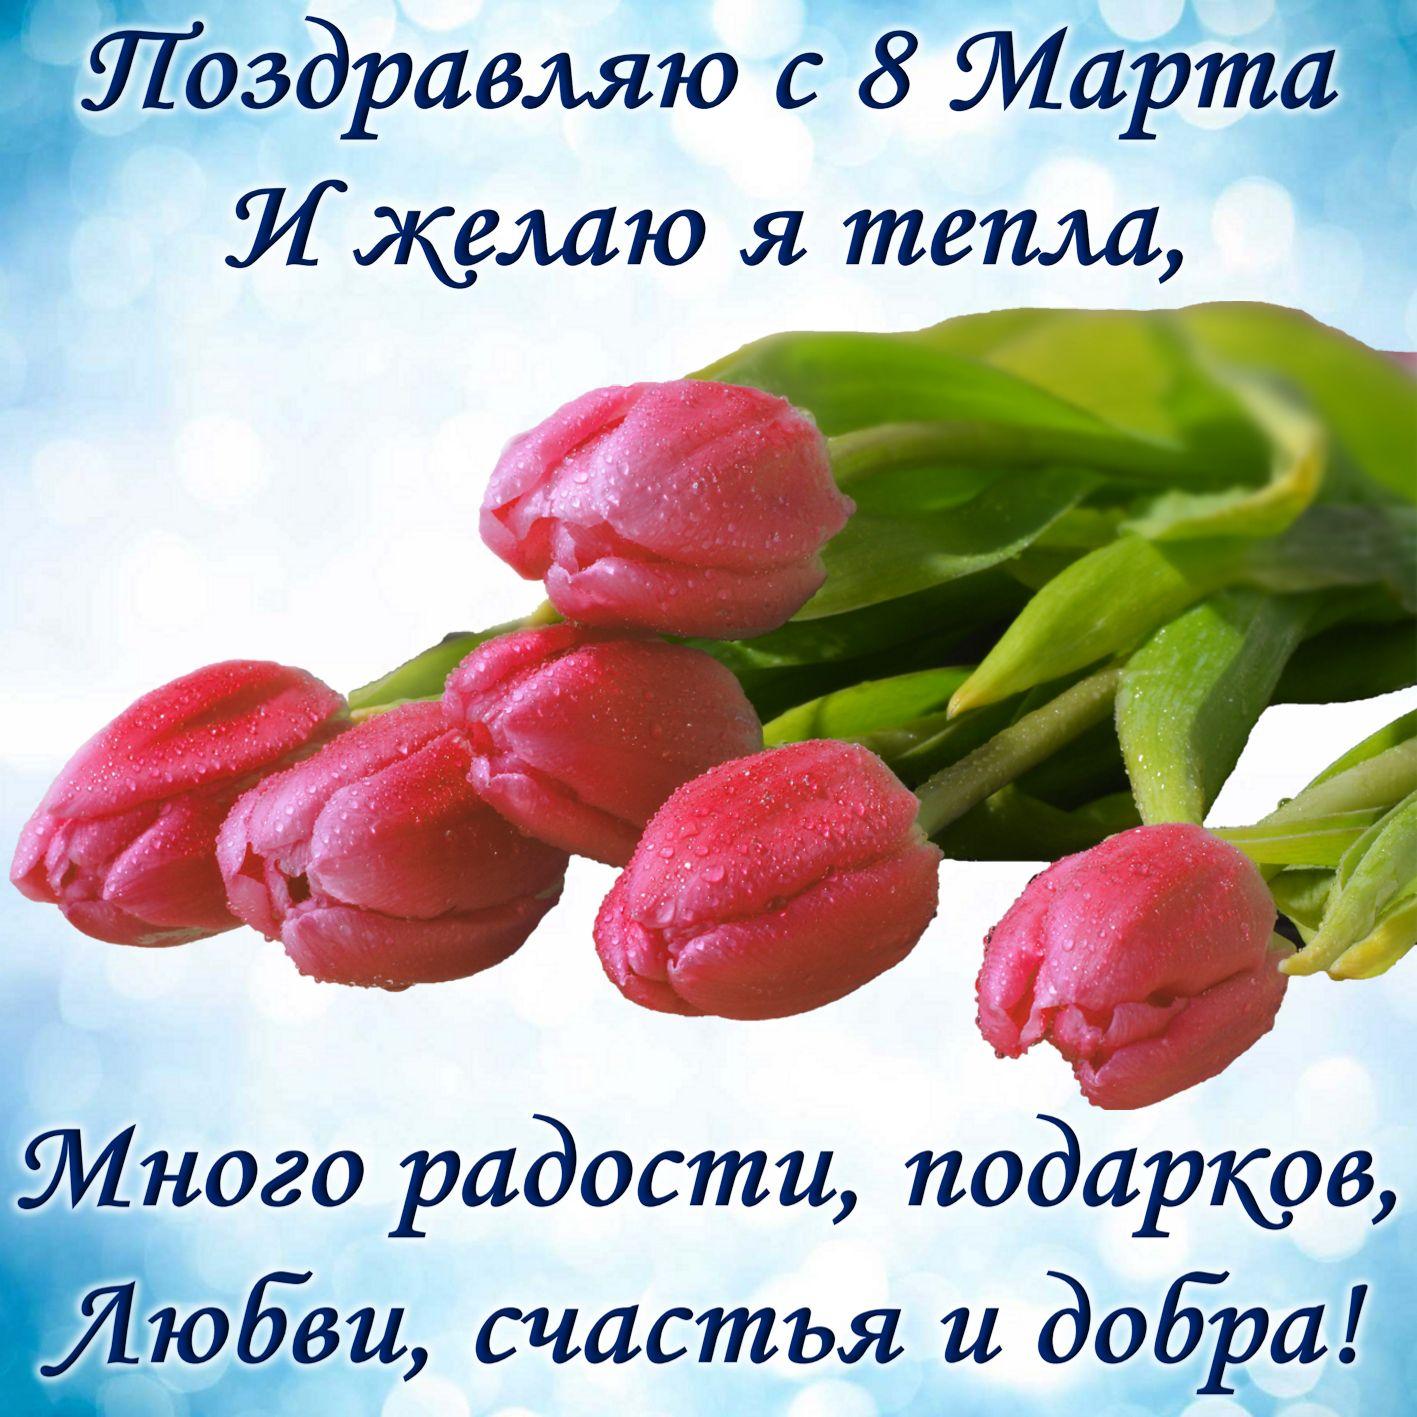 Поздравление и красивые тюльпаны на 8 марта